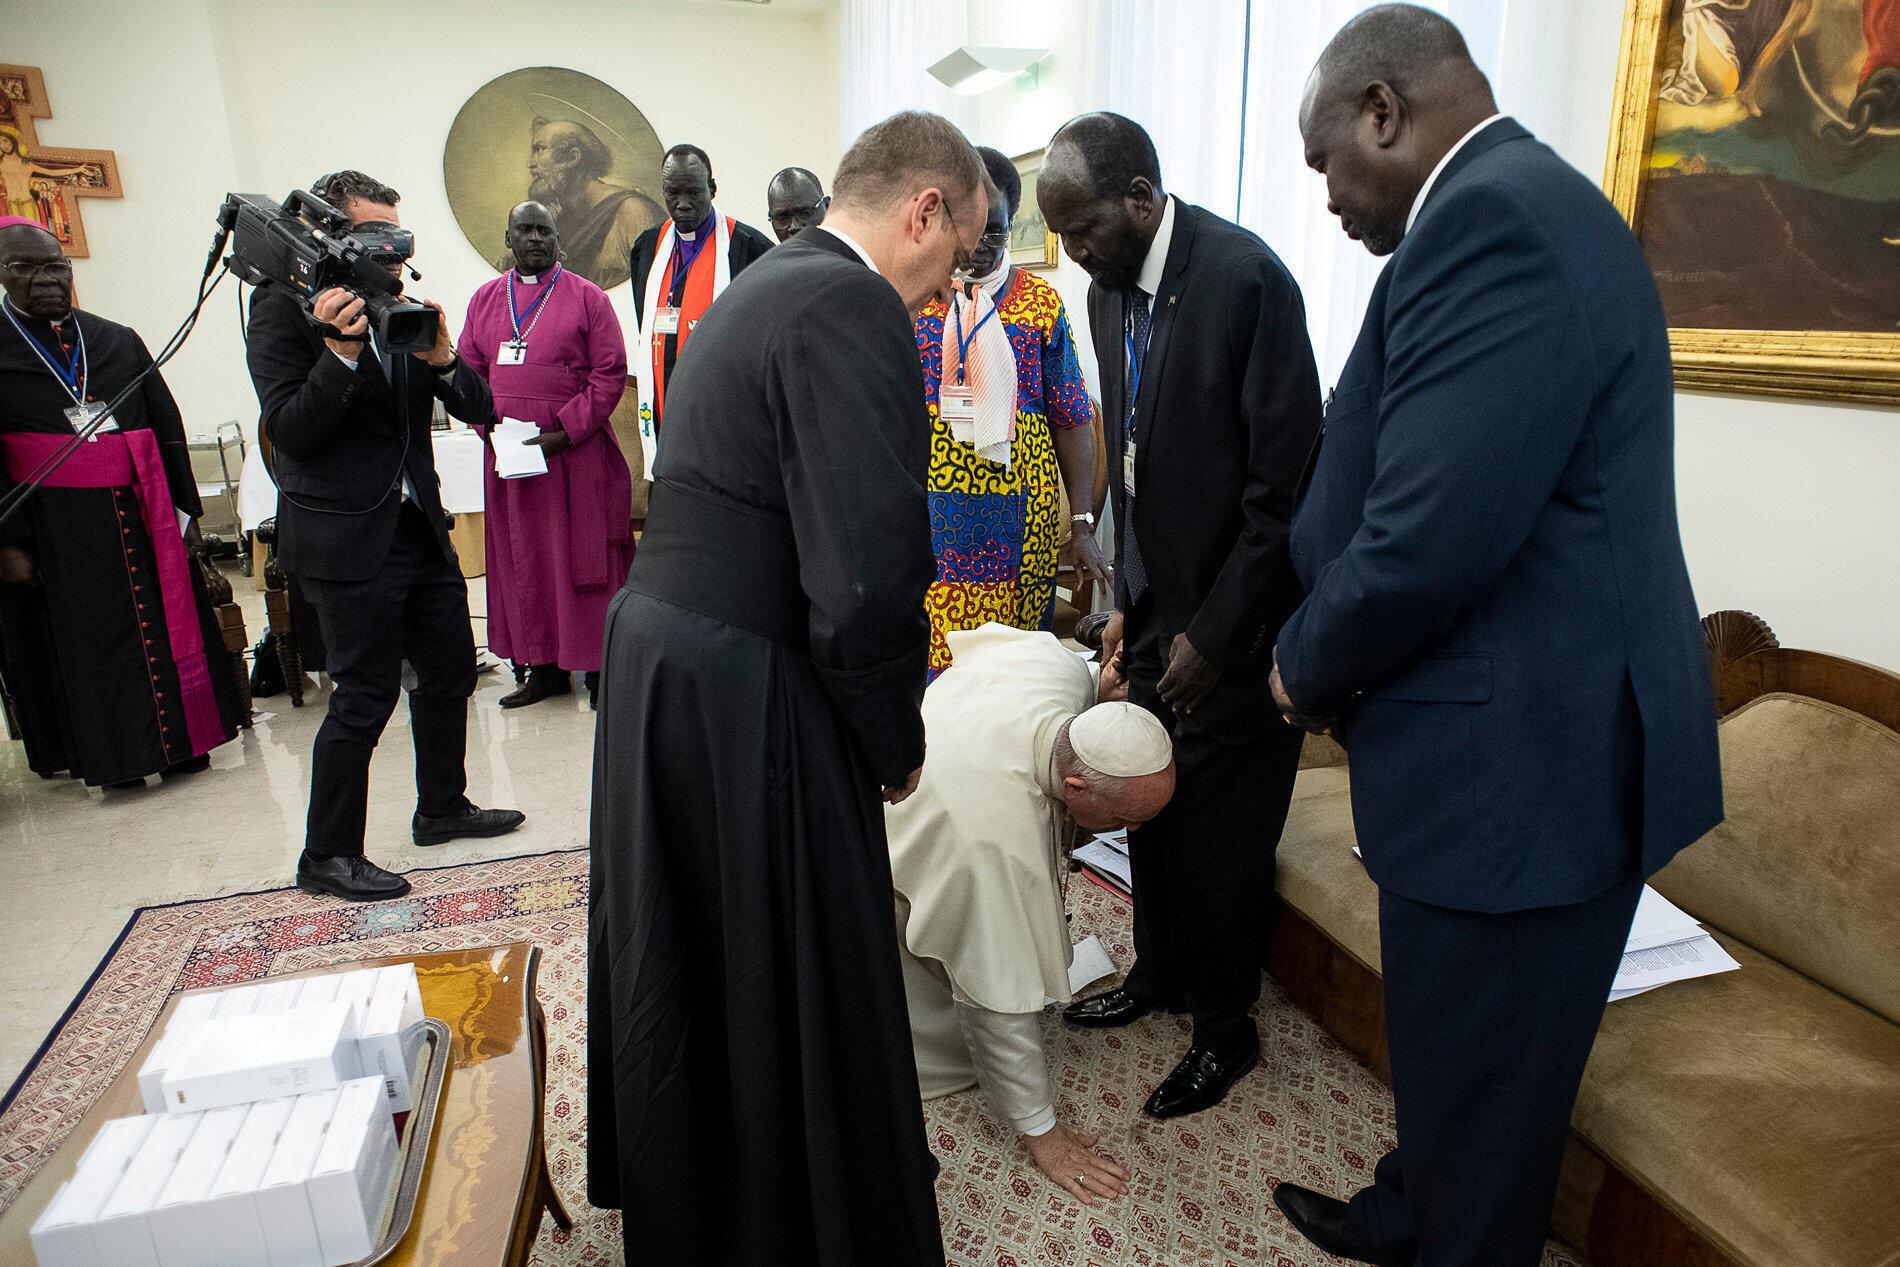 Le pape François agenouillé pour baiser les pieds du président soudanais Salva Kiir, le 11 avril 2019 au Vatican.